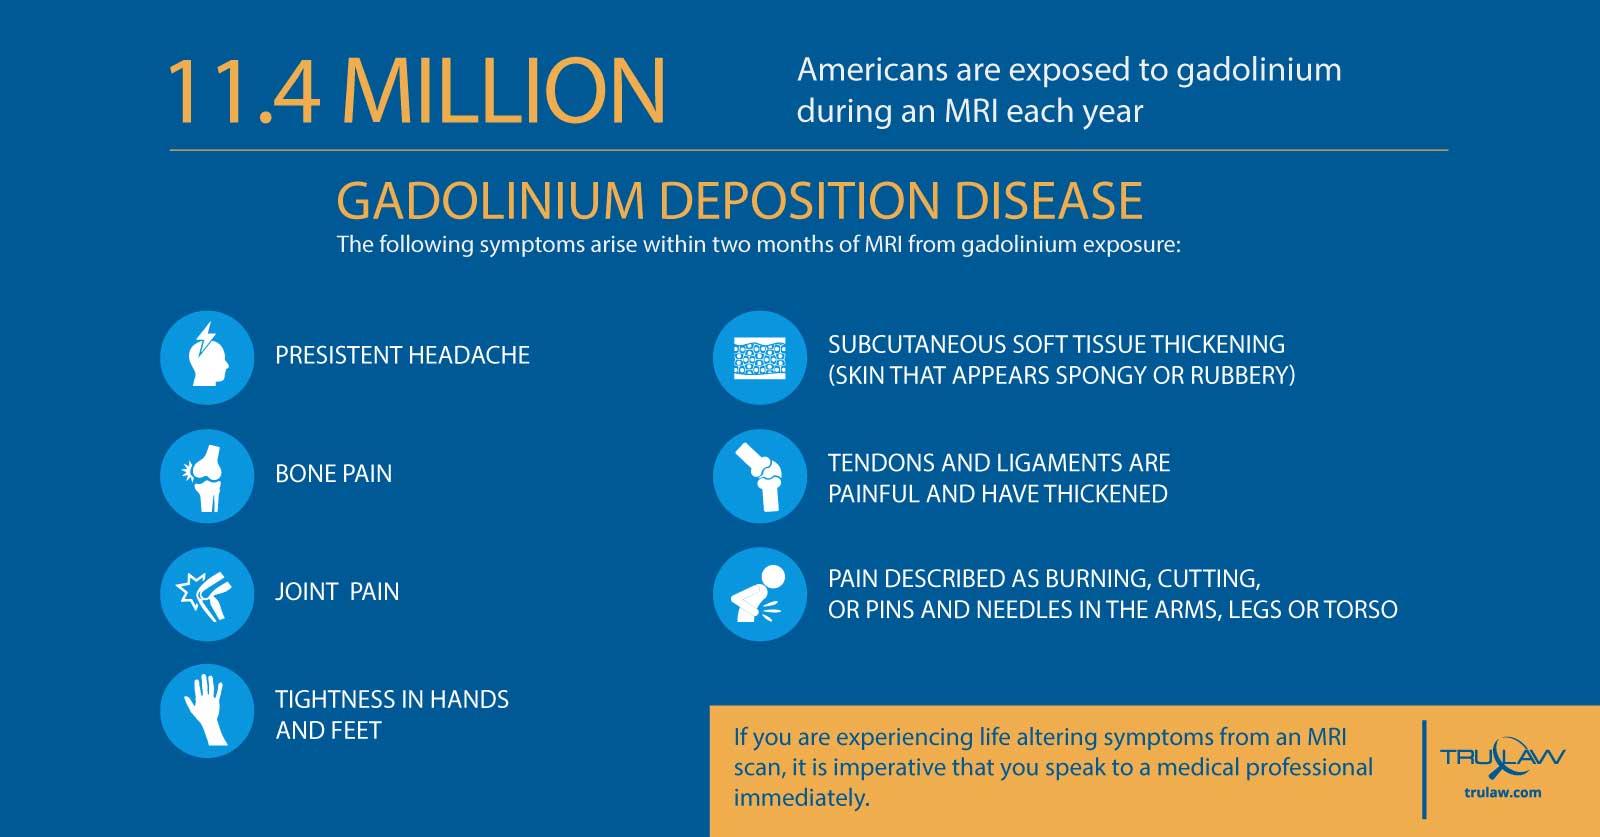 Gadolinium Deposition Disease Lawsuit - Gadolinium Toxicity